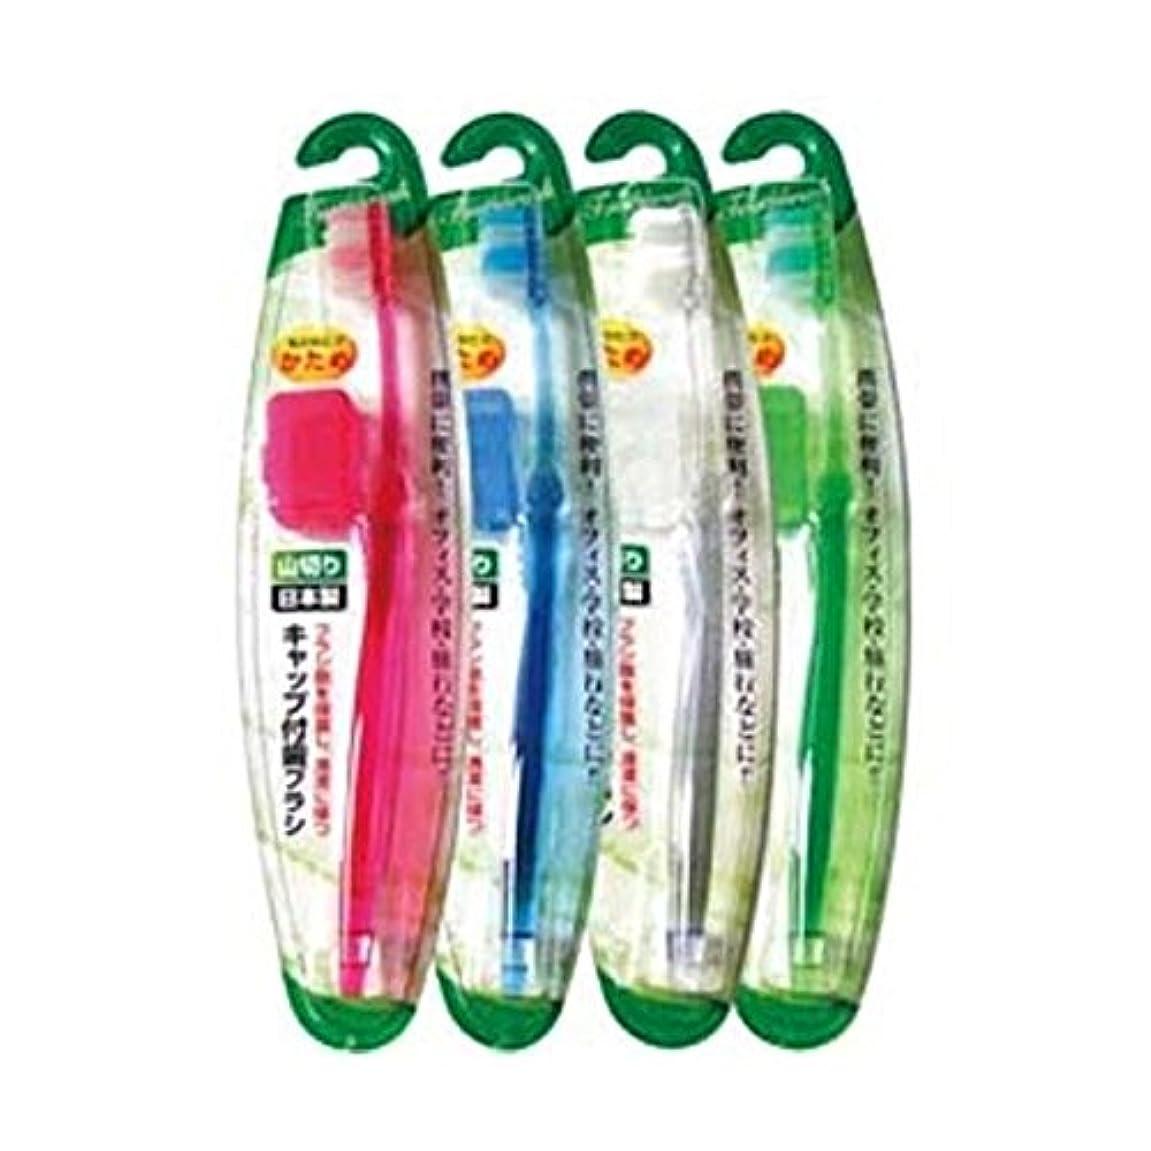 肌送ったアンソロジー健康用品 キャップ付歯ブラシ山切りカット(かため)日本製 【12個セット】 41-210